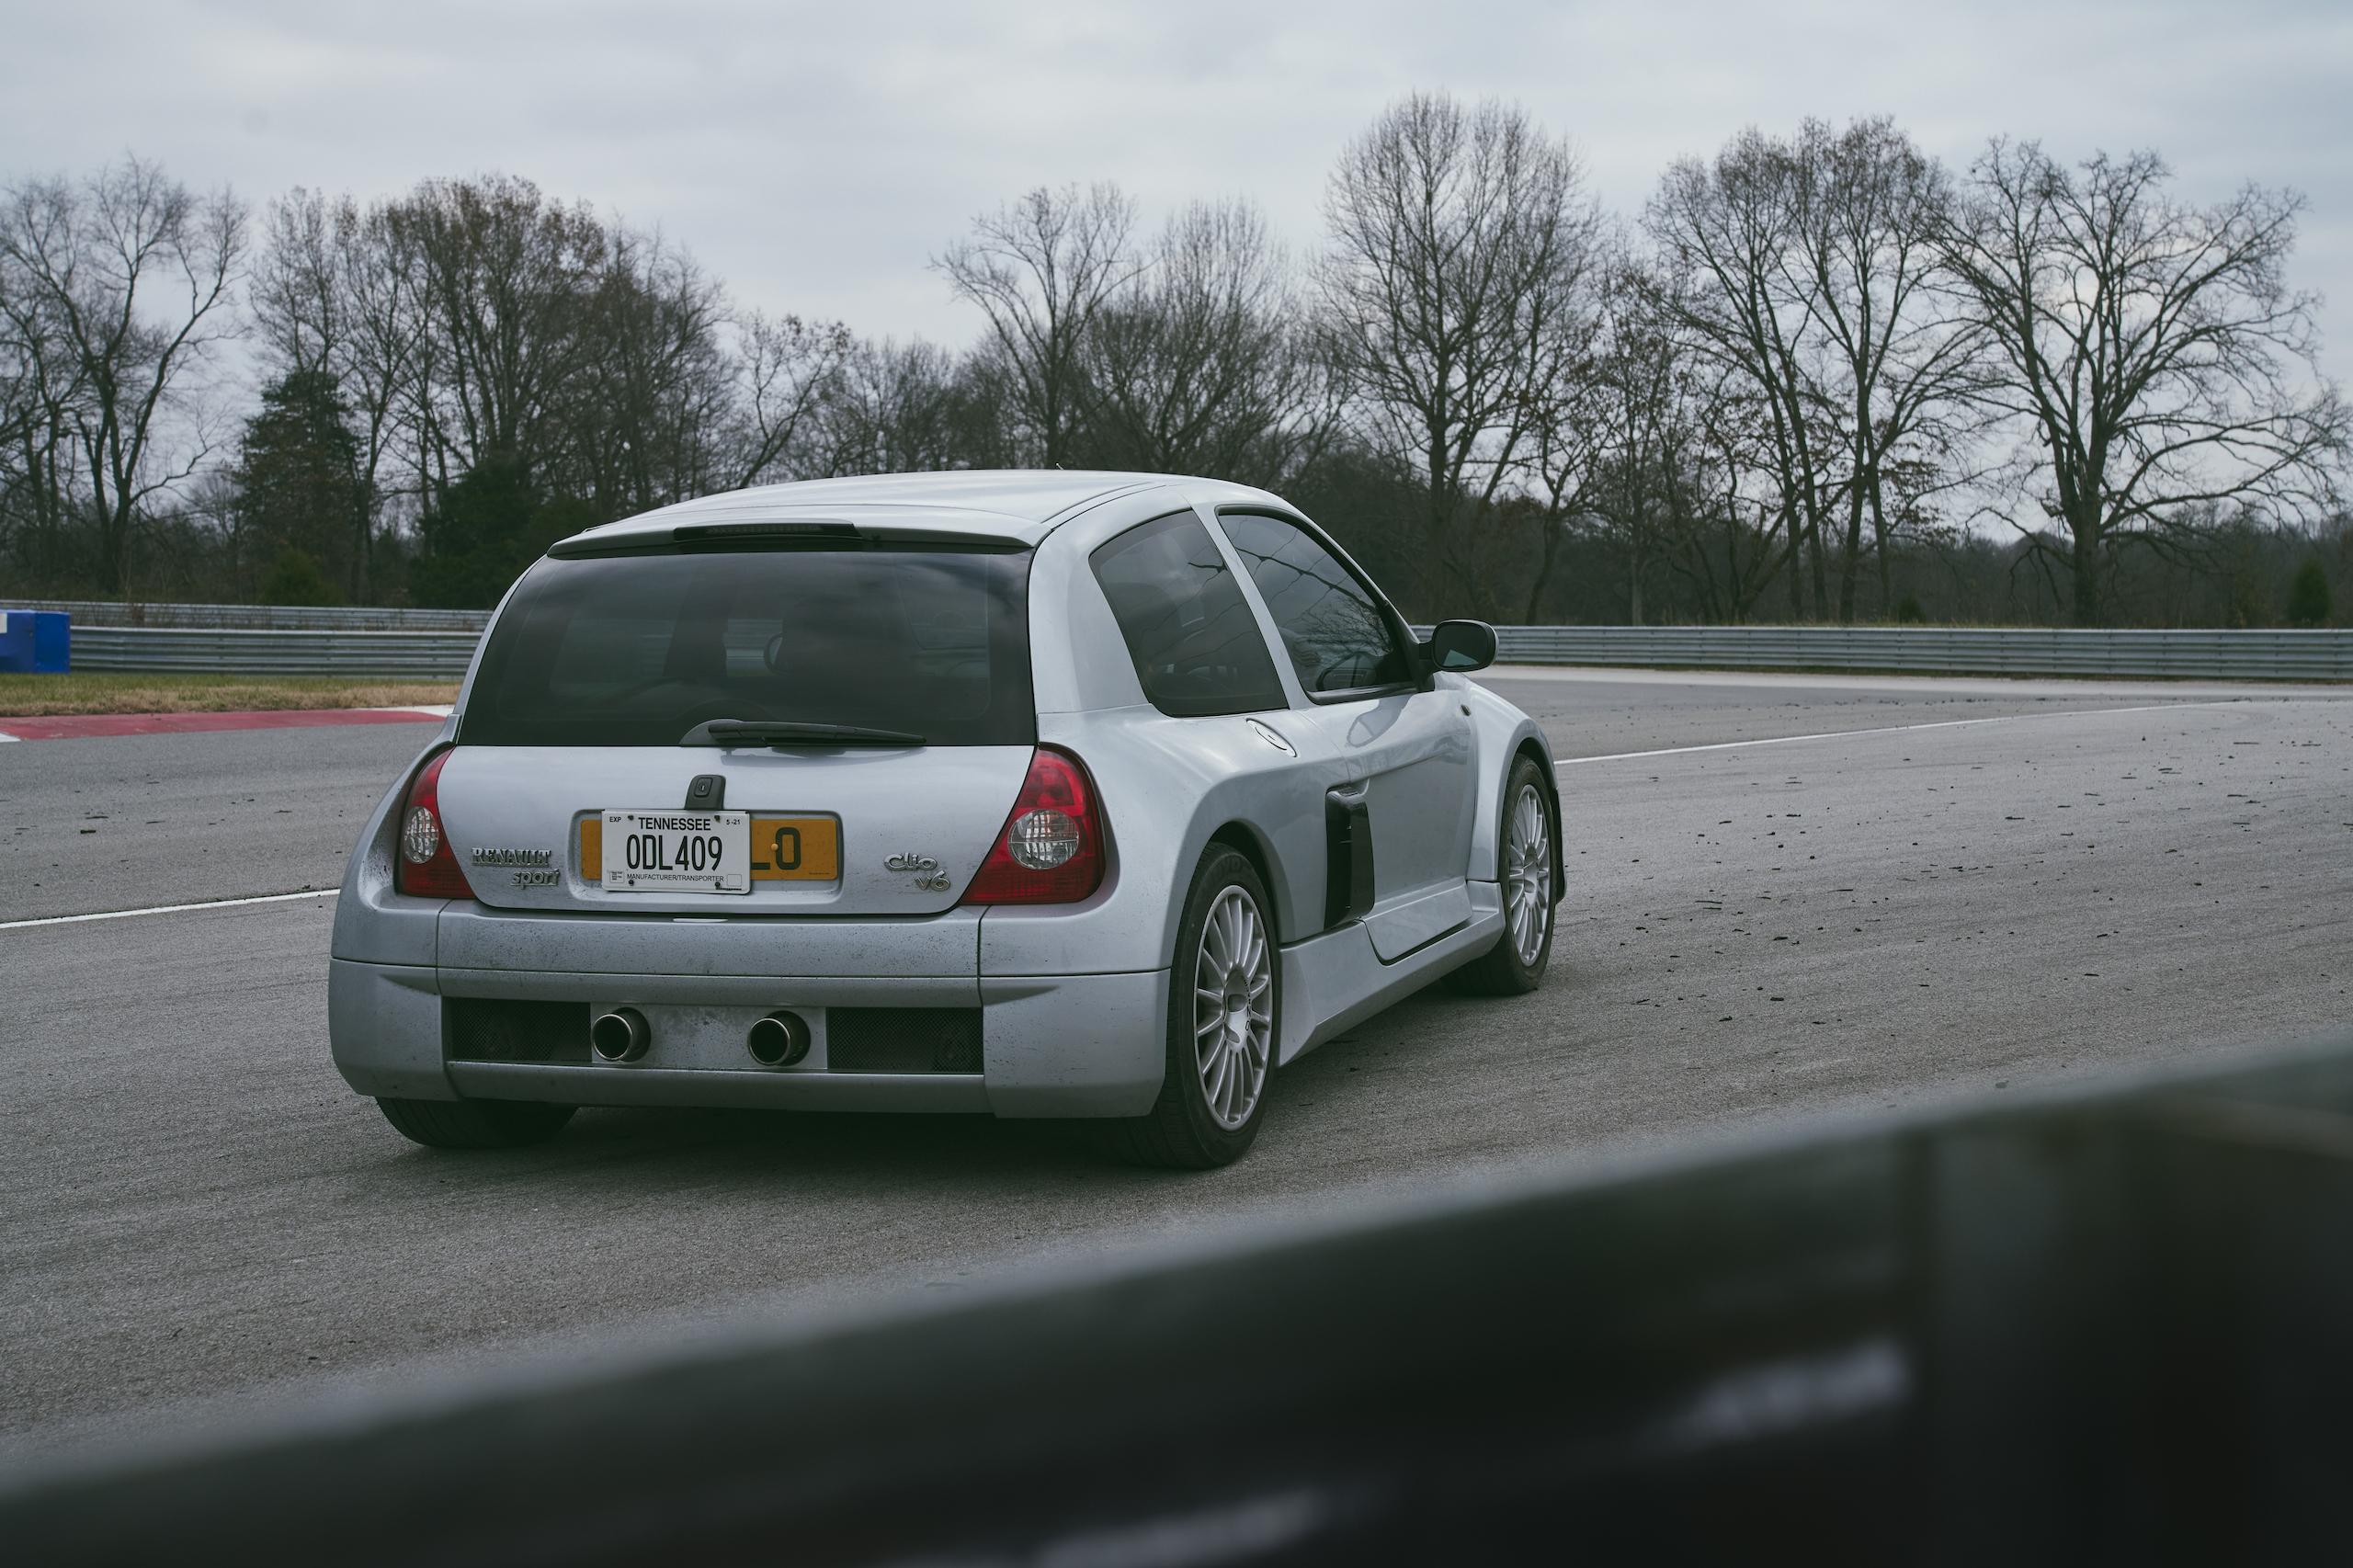 2002 Renault Clio V6 rear three-quarter